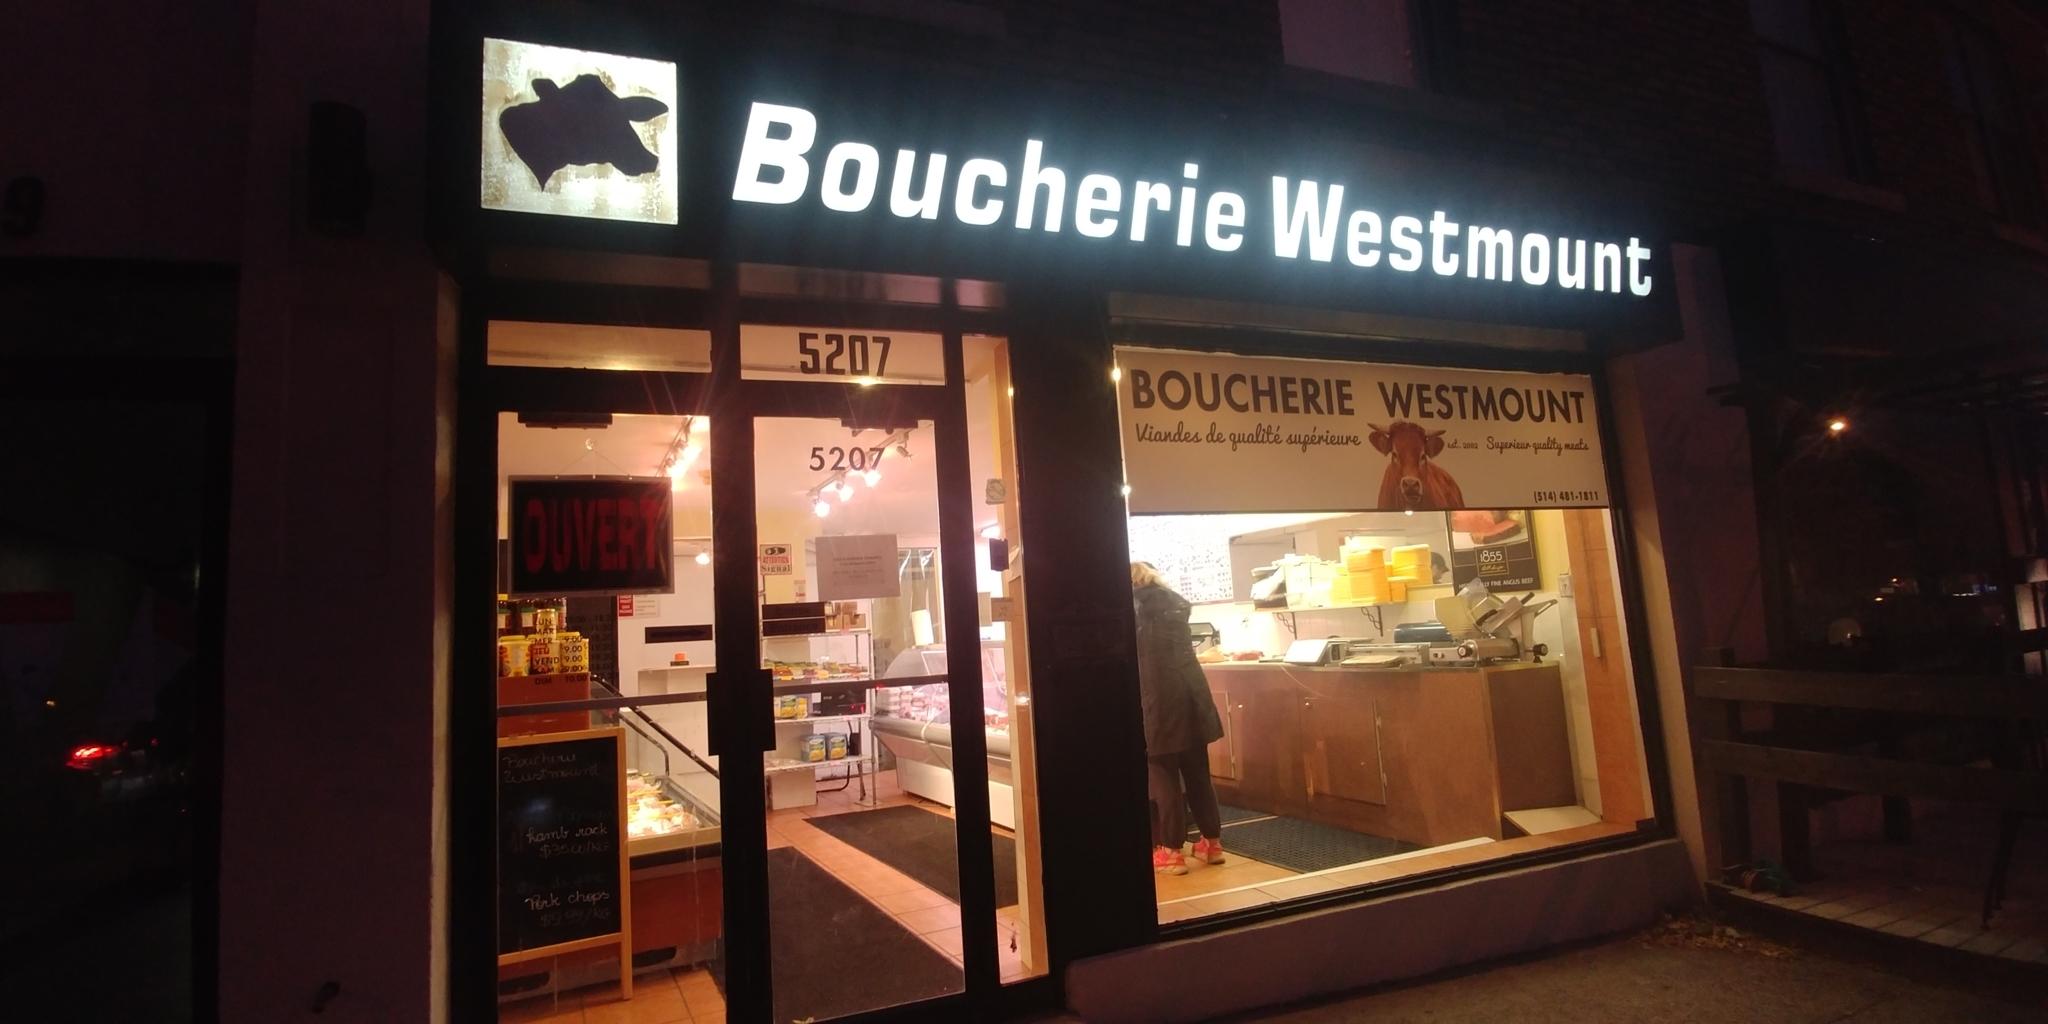 Boucherie Westmount